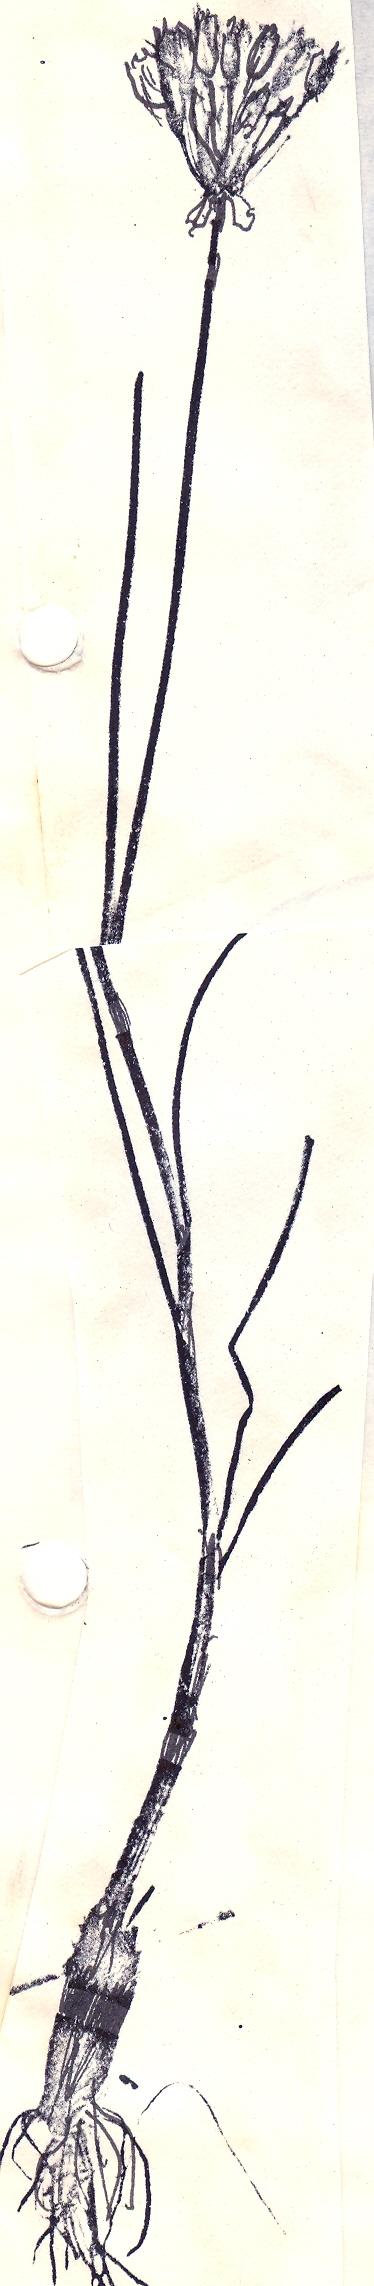 Allium%20lutescens.jpg